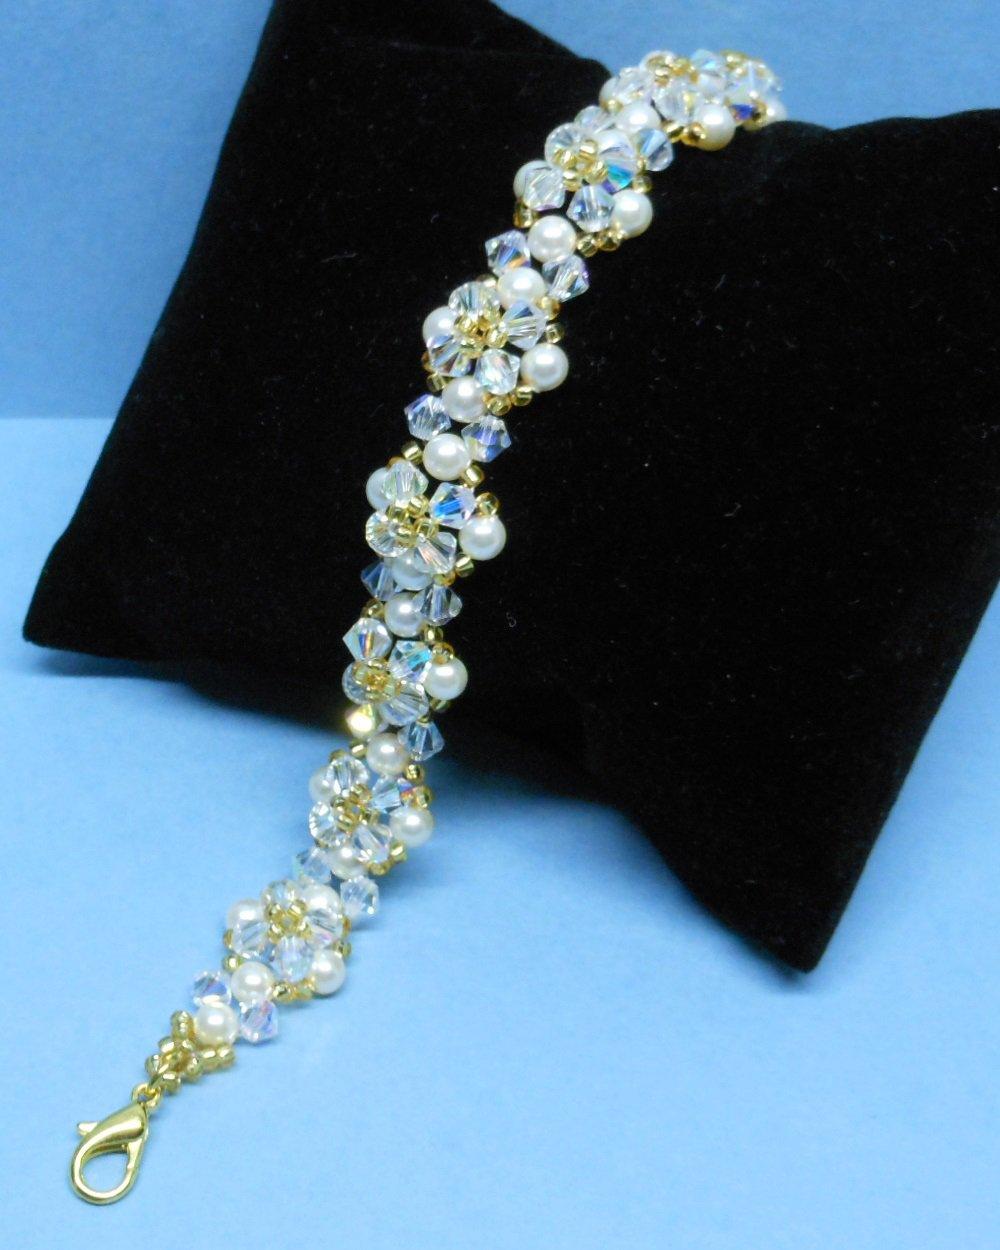 Swarovski cream Pearl Bridal Bracelet,Woven Bridal Bracelet, Swarovski Crystal Bridal Bracelet